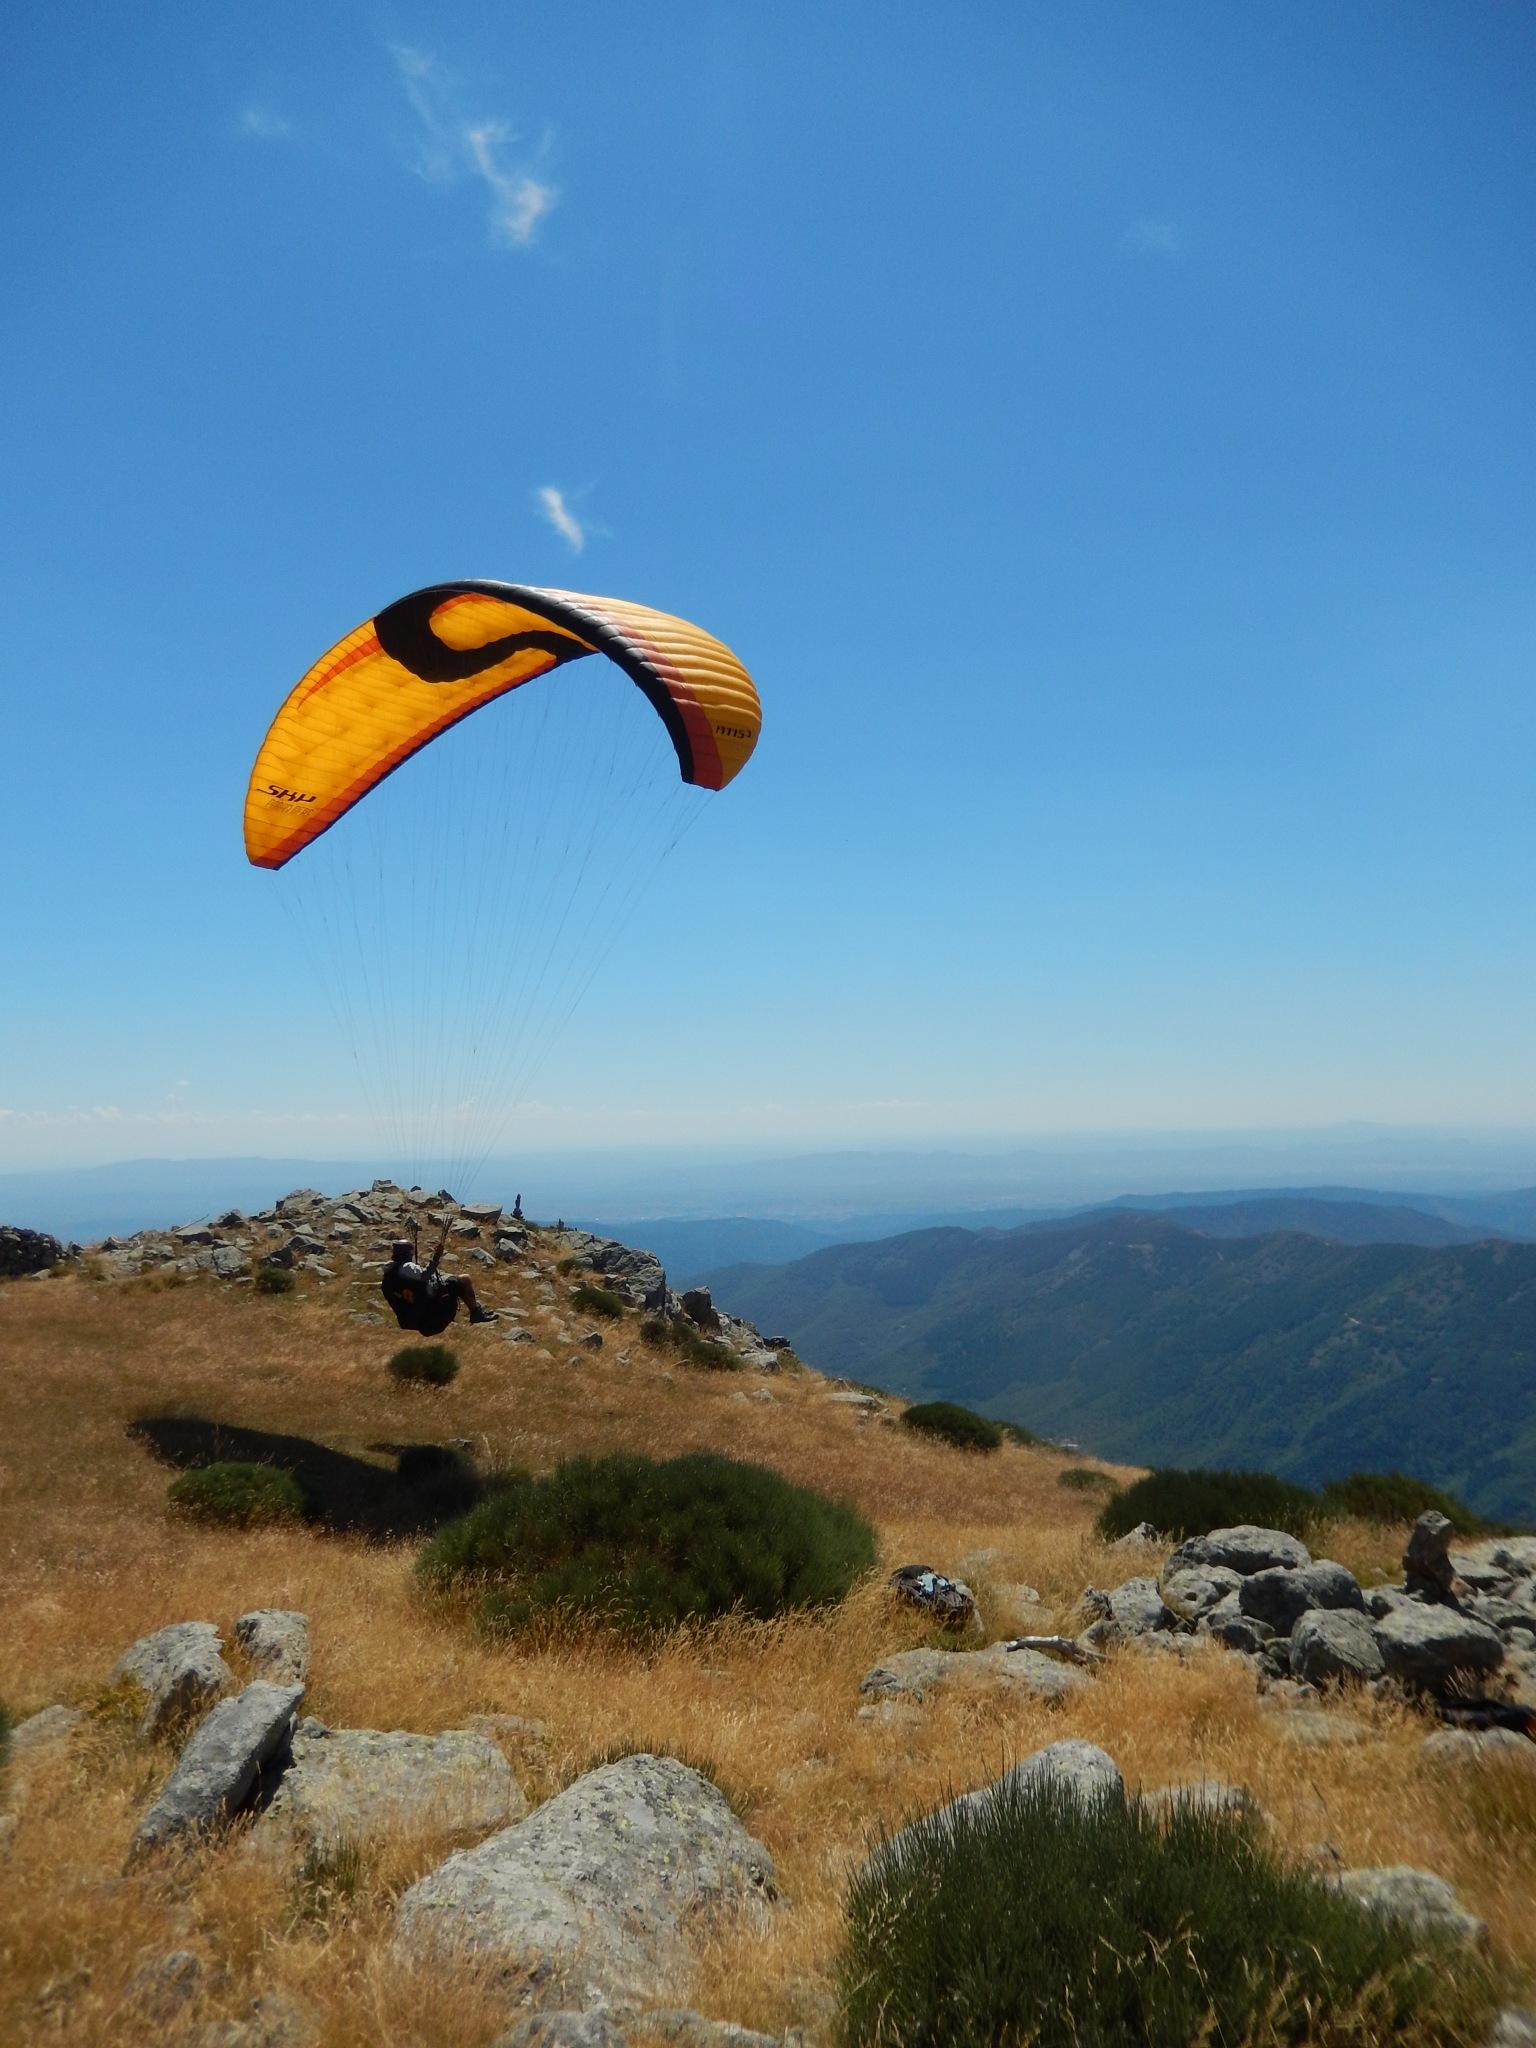 Take off ... by eliette